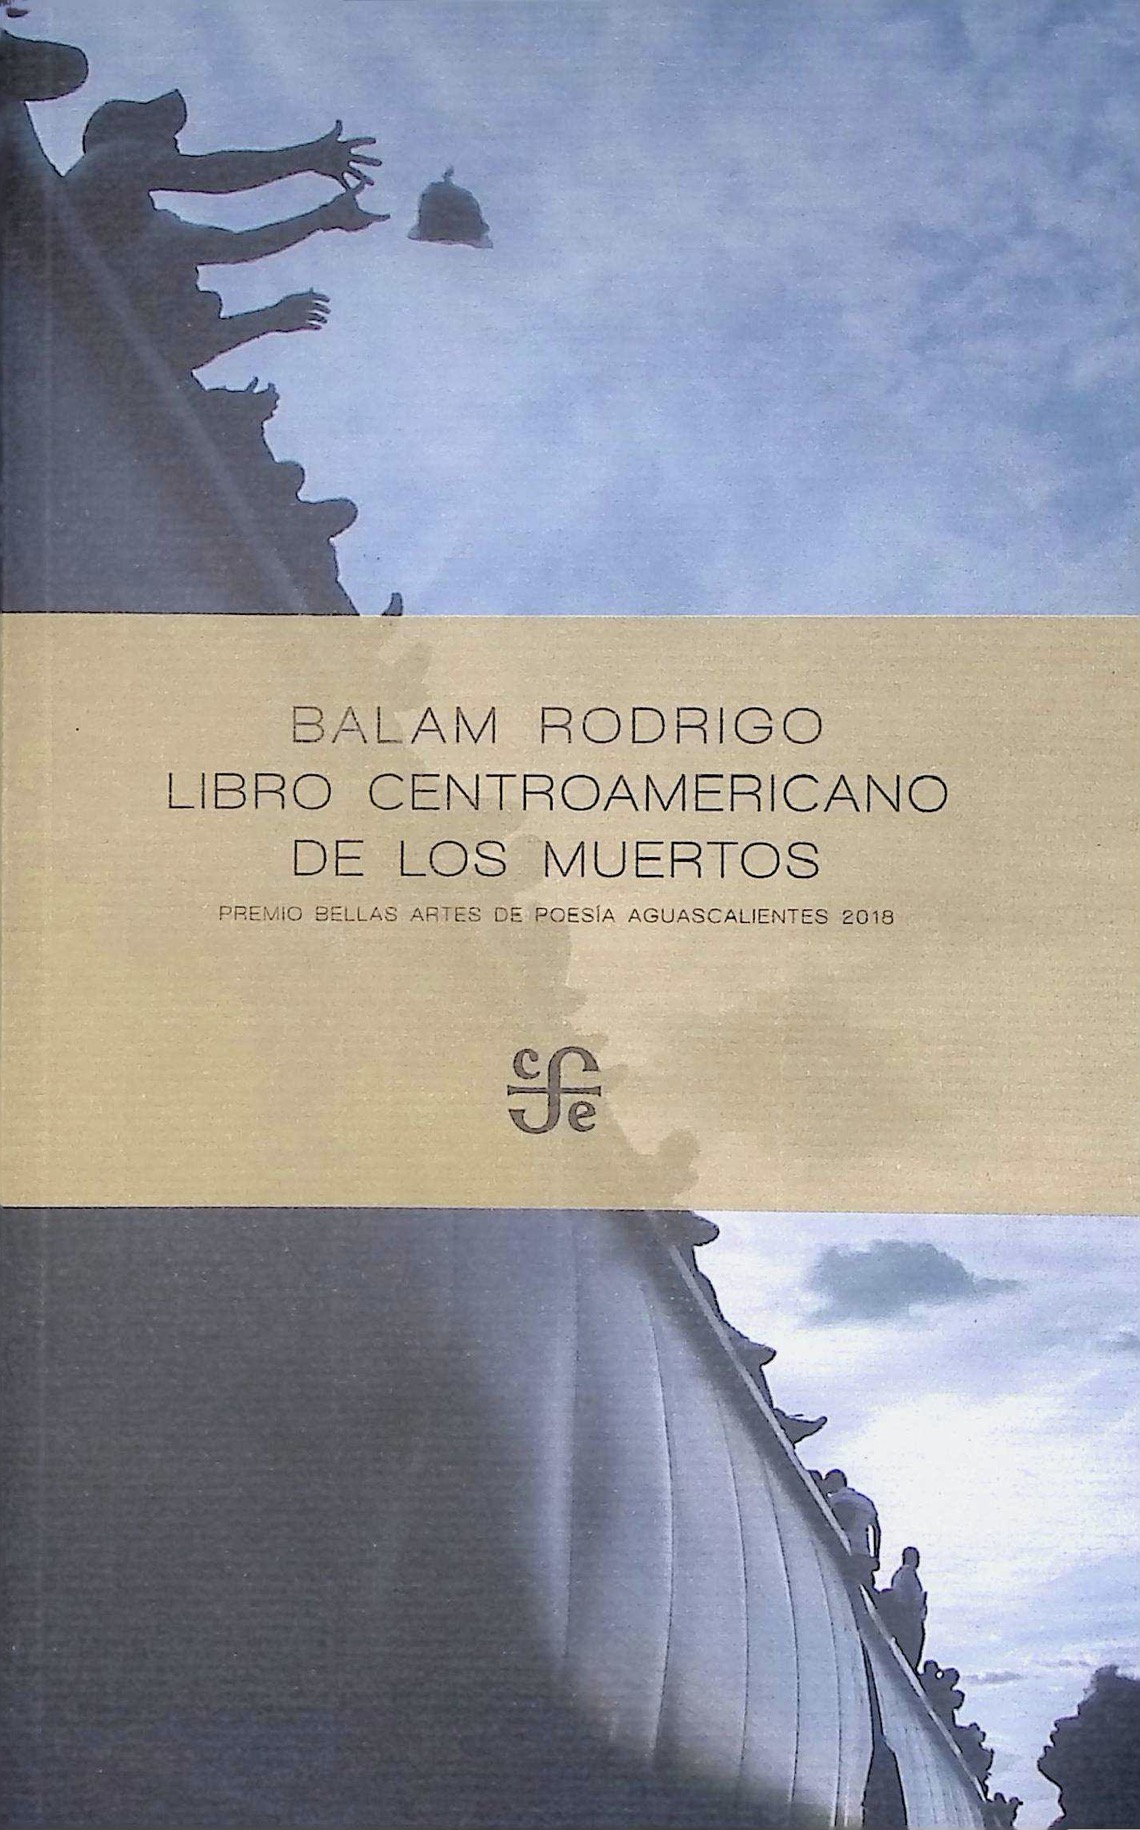 Rodrigo, Balam - Libro centroamericano de los muertos pdf